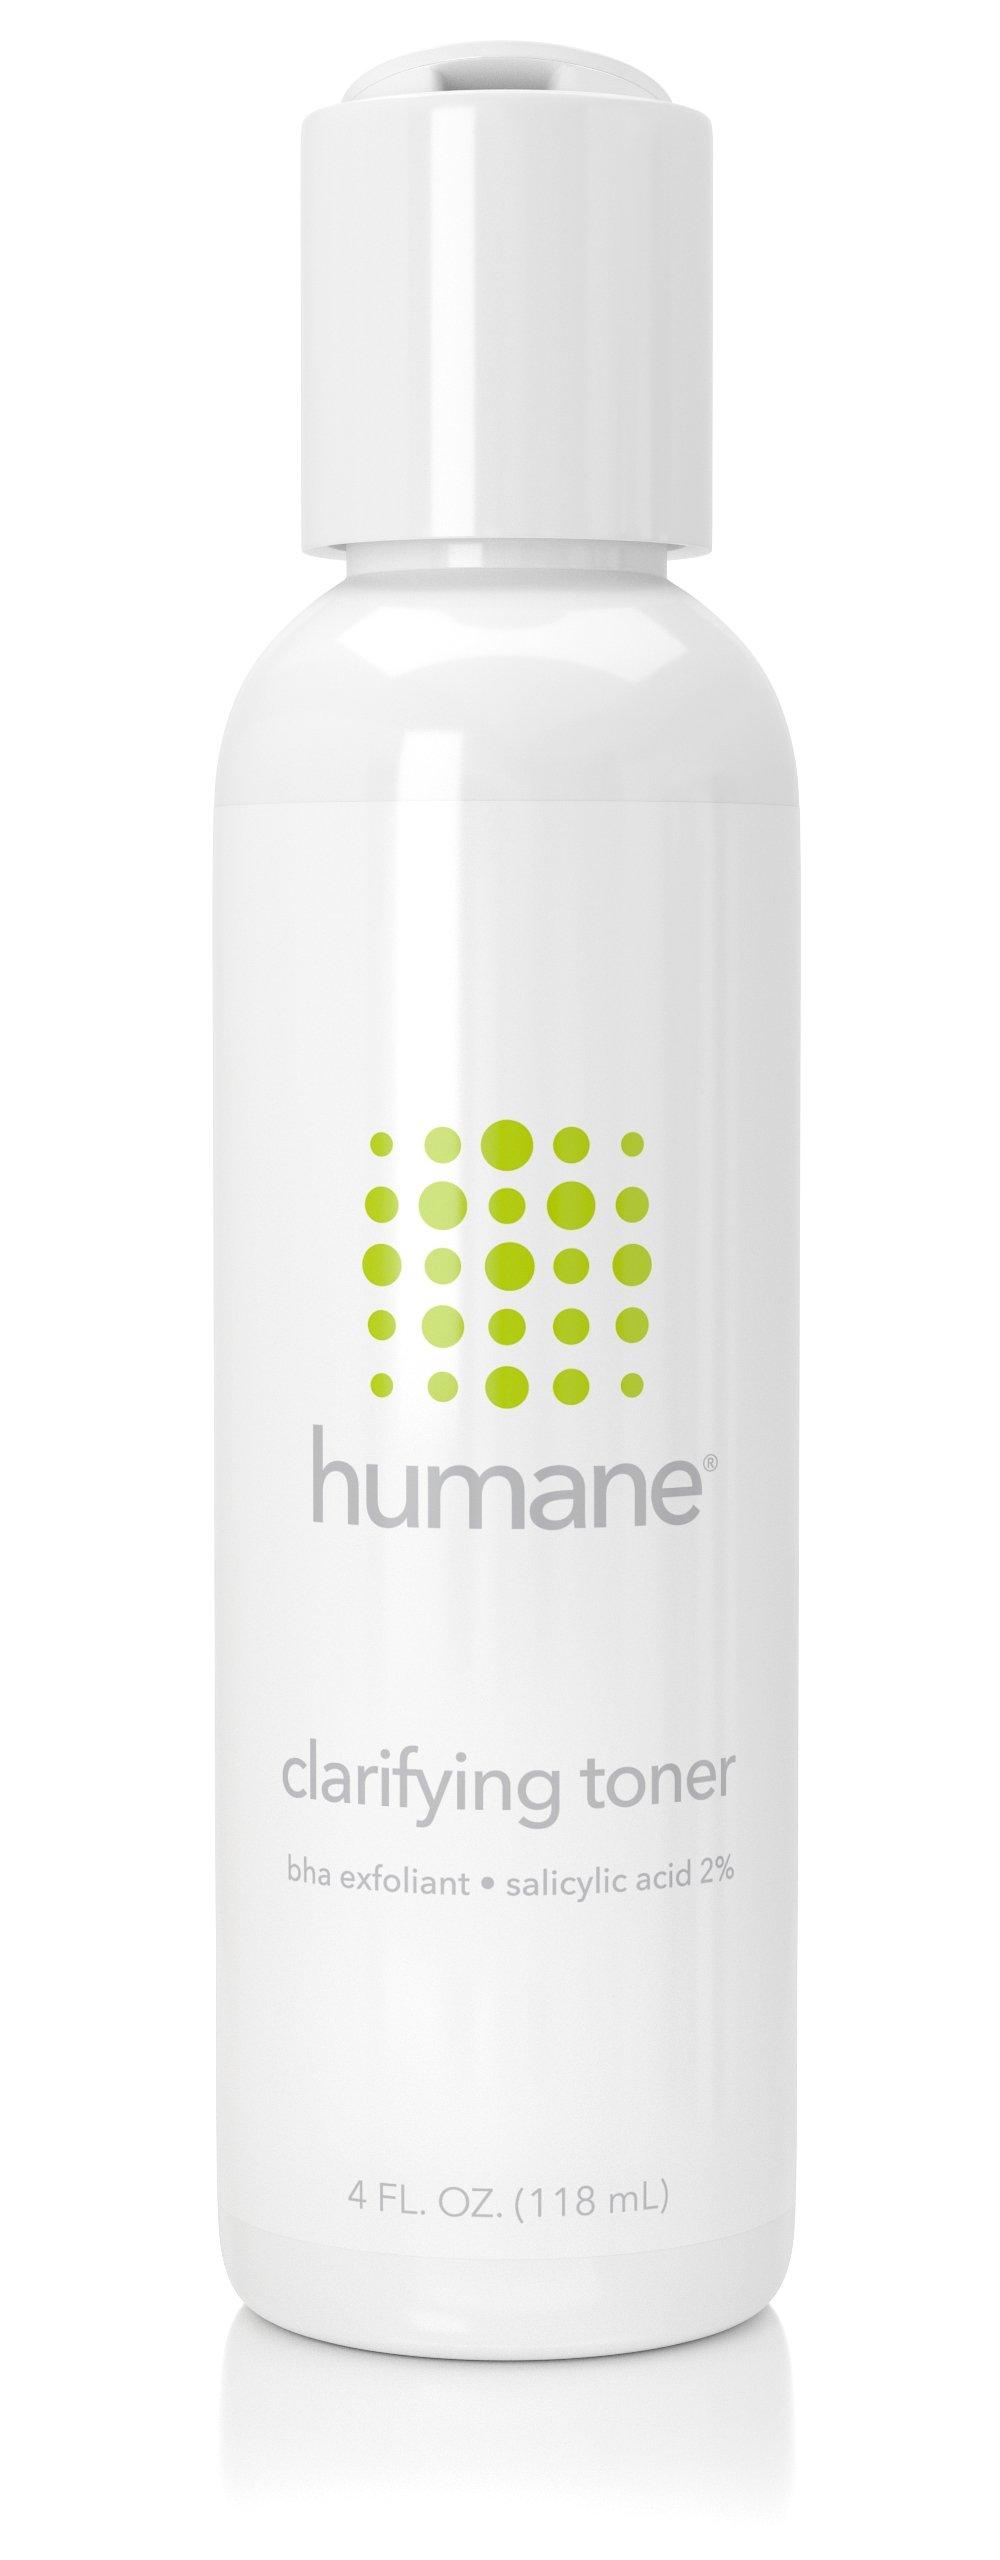 Humane Clarifying Toner BHA Salicylic Acid 2% Pore Minimizer & Facial Exfoliant, 4 Ounce by humane